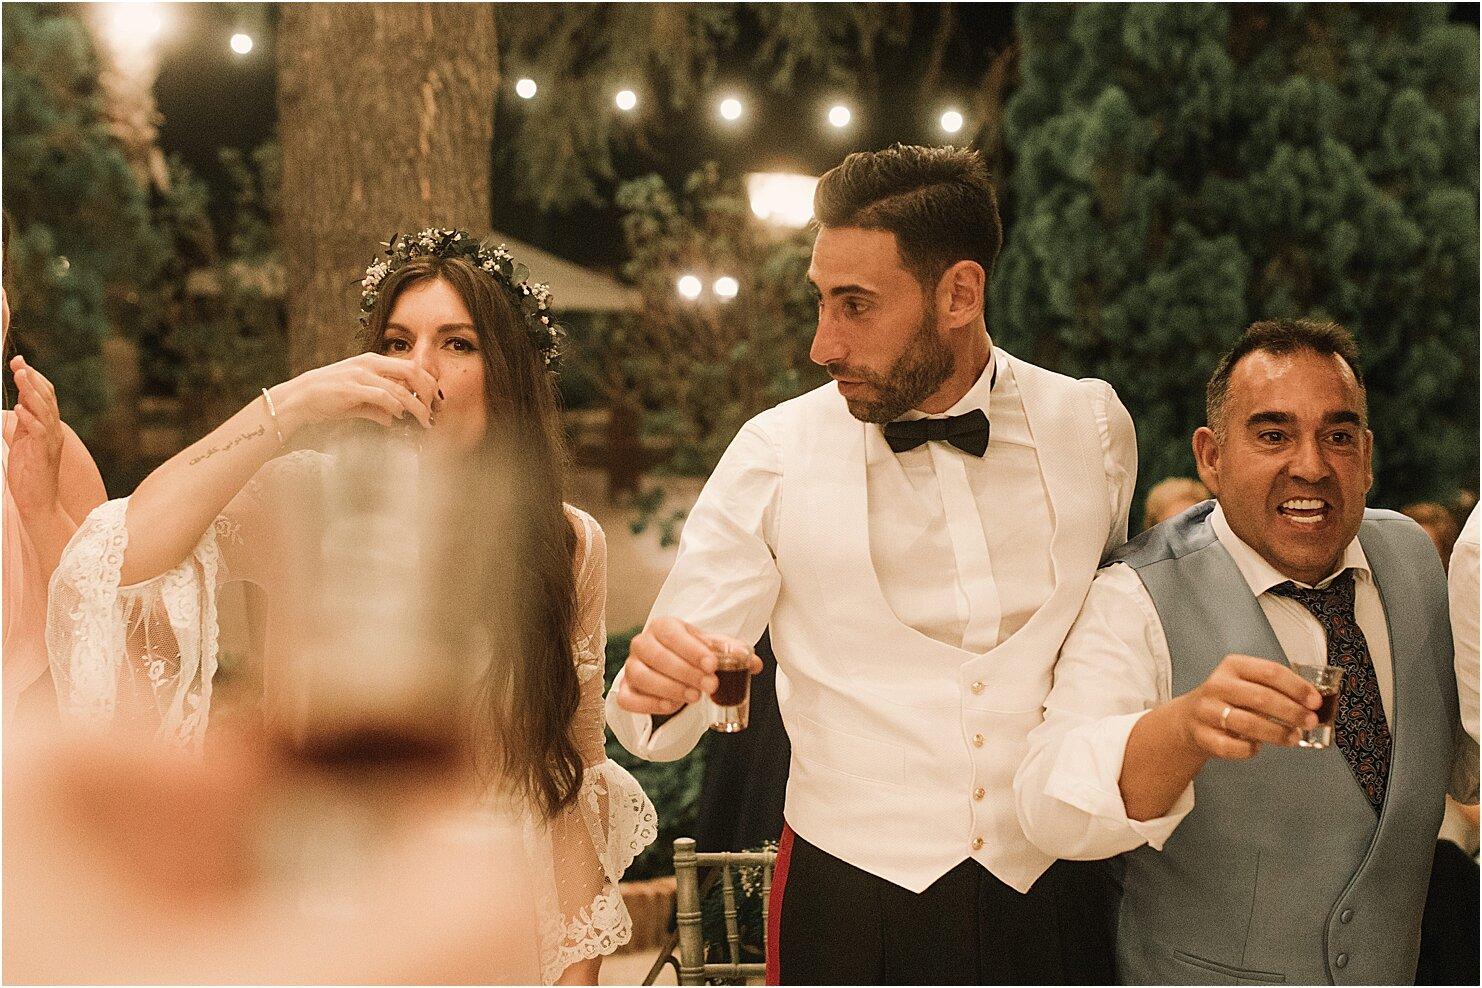 boda-romantica-boda-boho-vestido-de-novia-laura-lomas80.jpg